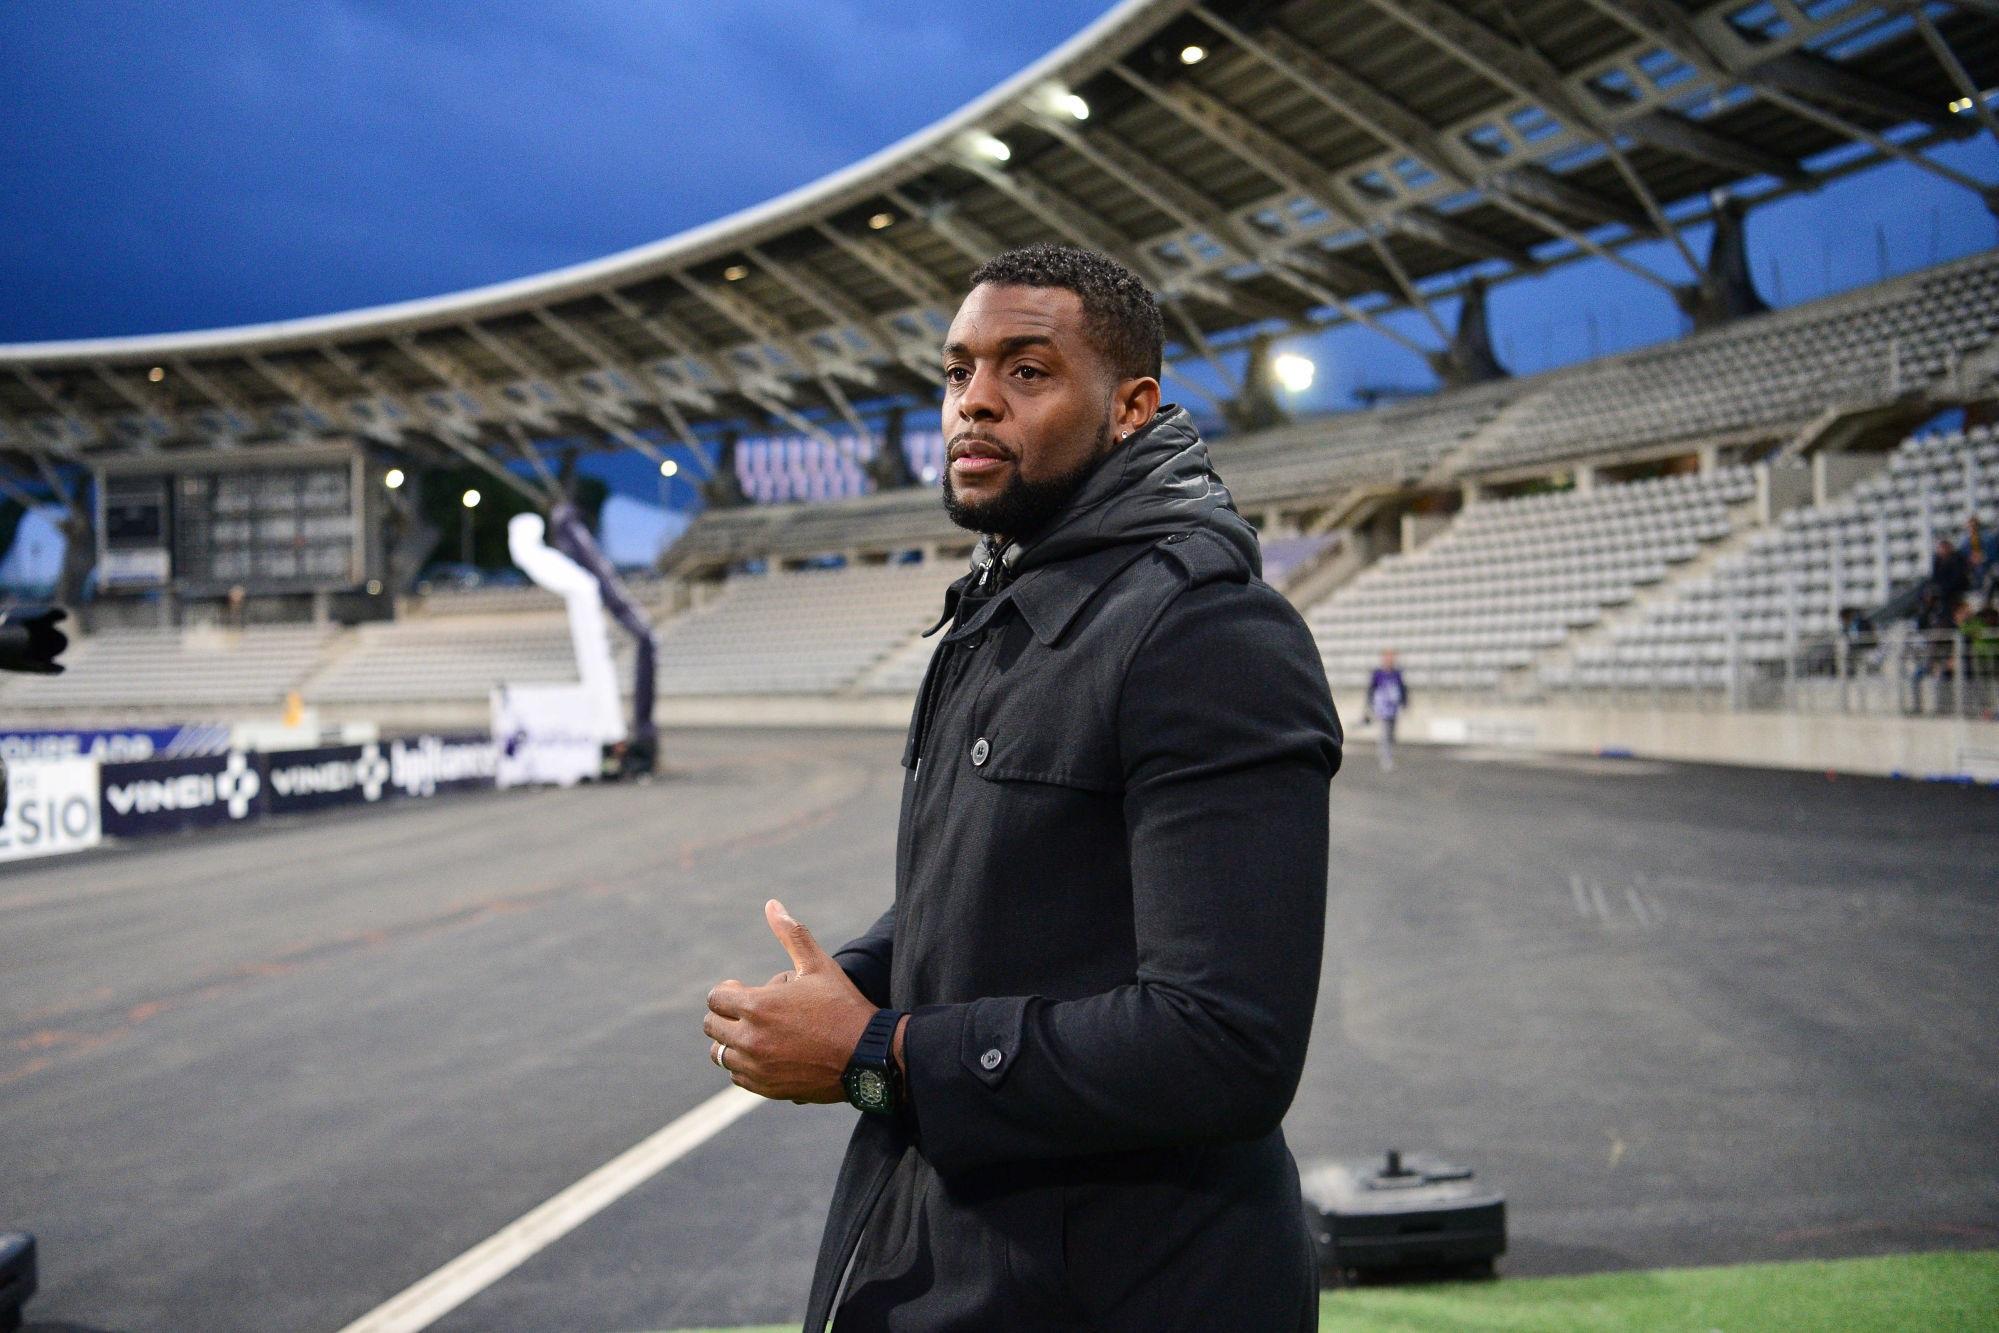 PSG/Strasbourg - Piquionne évoque la difficulté «incompréhensible» du PSG